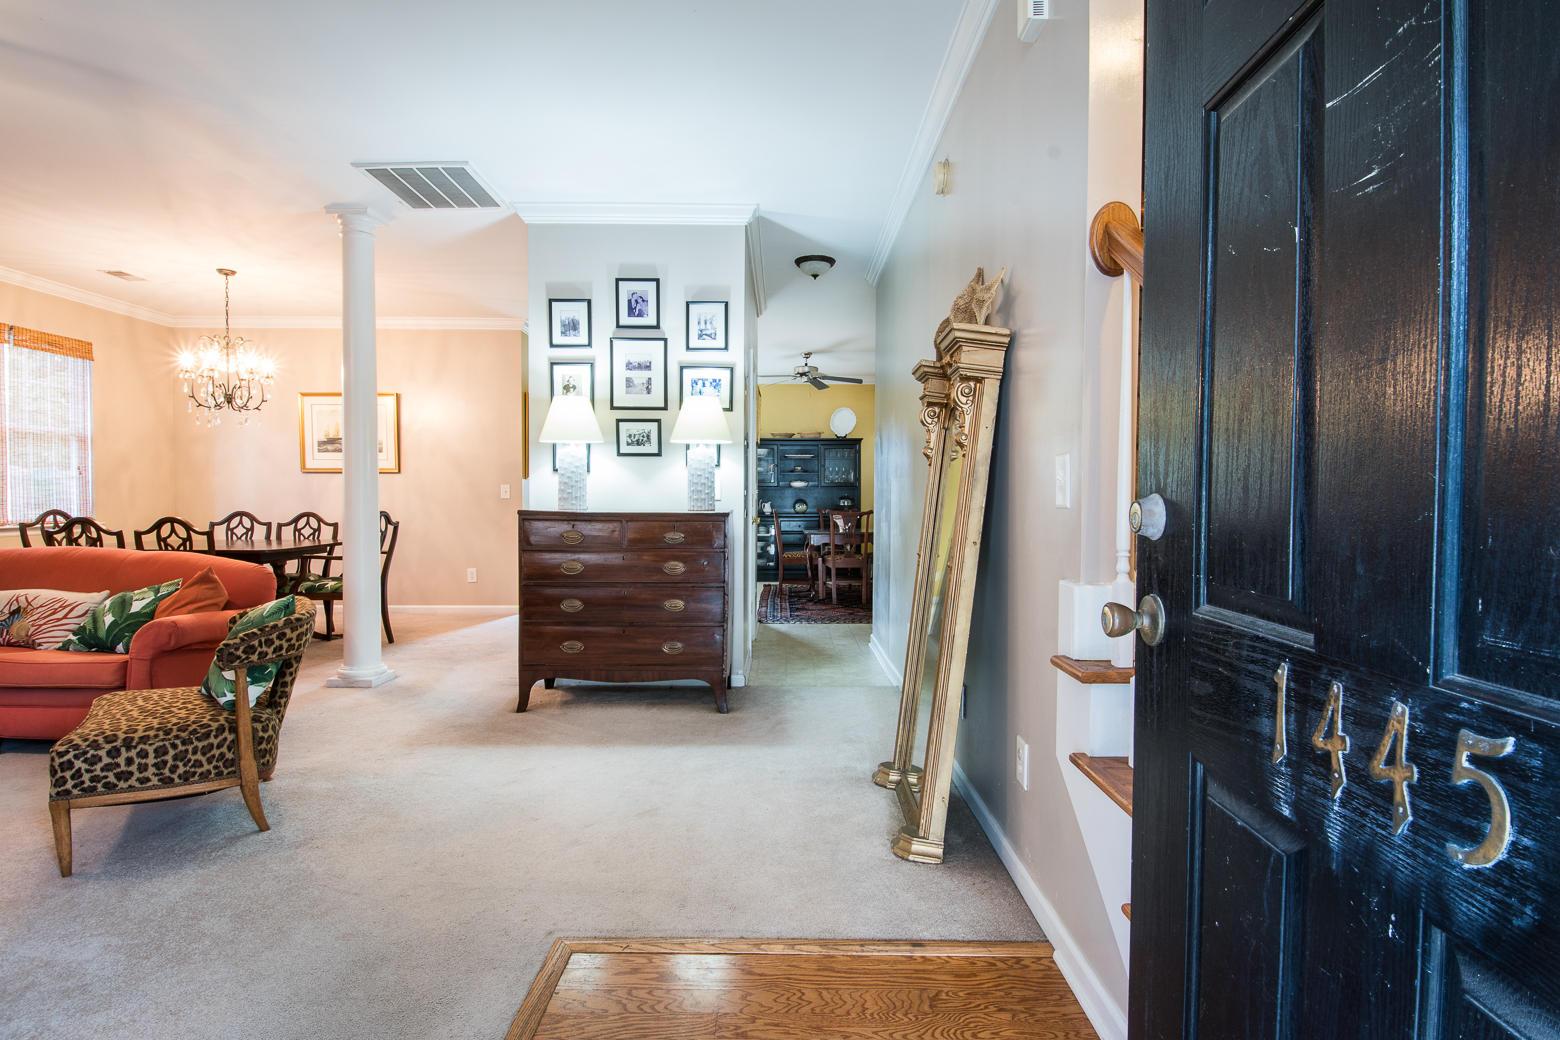 Jamestowne Village Homes For Sale - 1445 Swamp Fox, Charleston, SC - 4